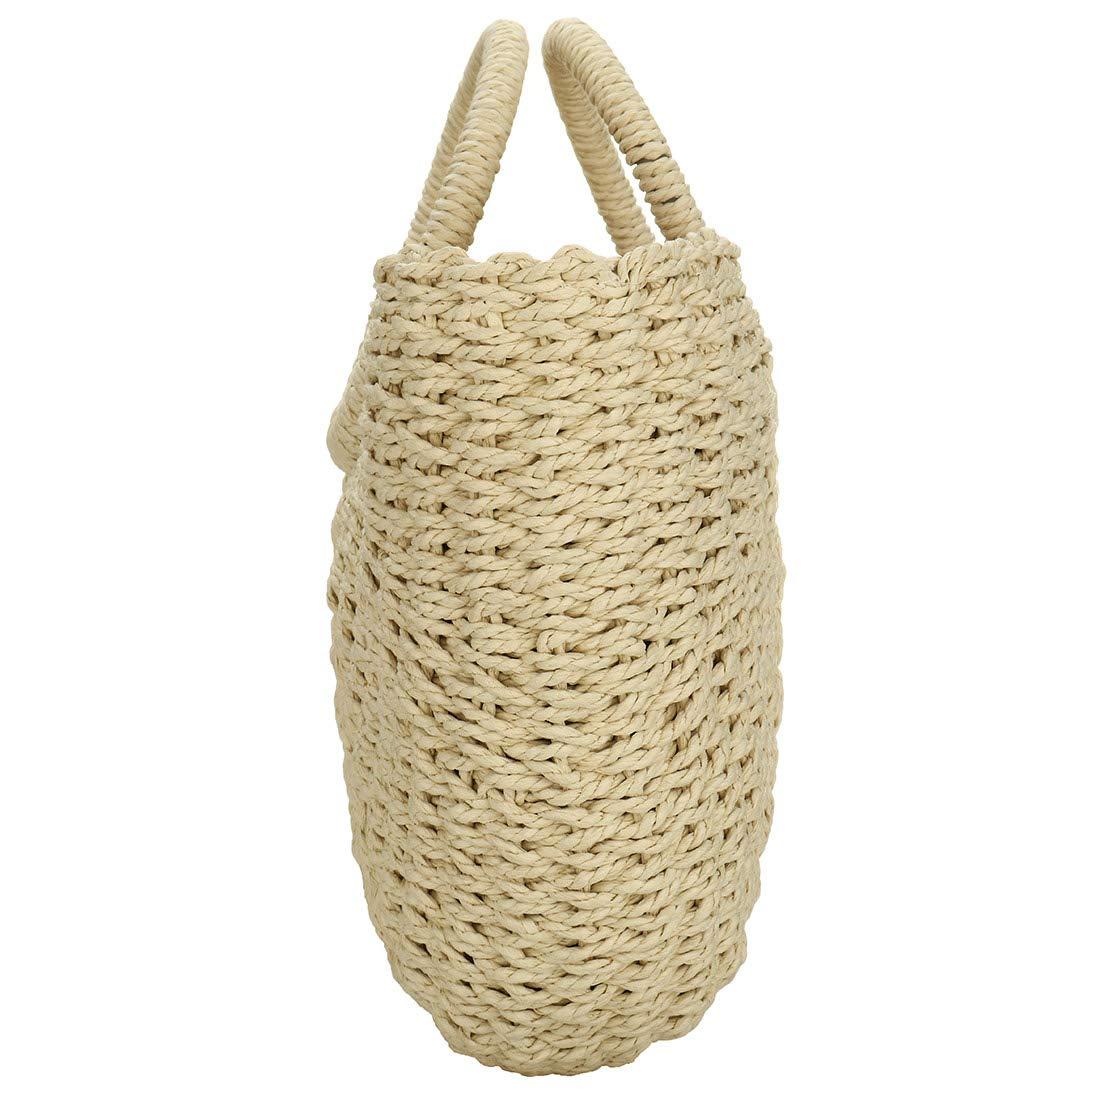 Amazon.com: EROUGE - Bolso de paja natural y elegante ...